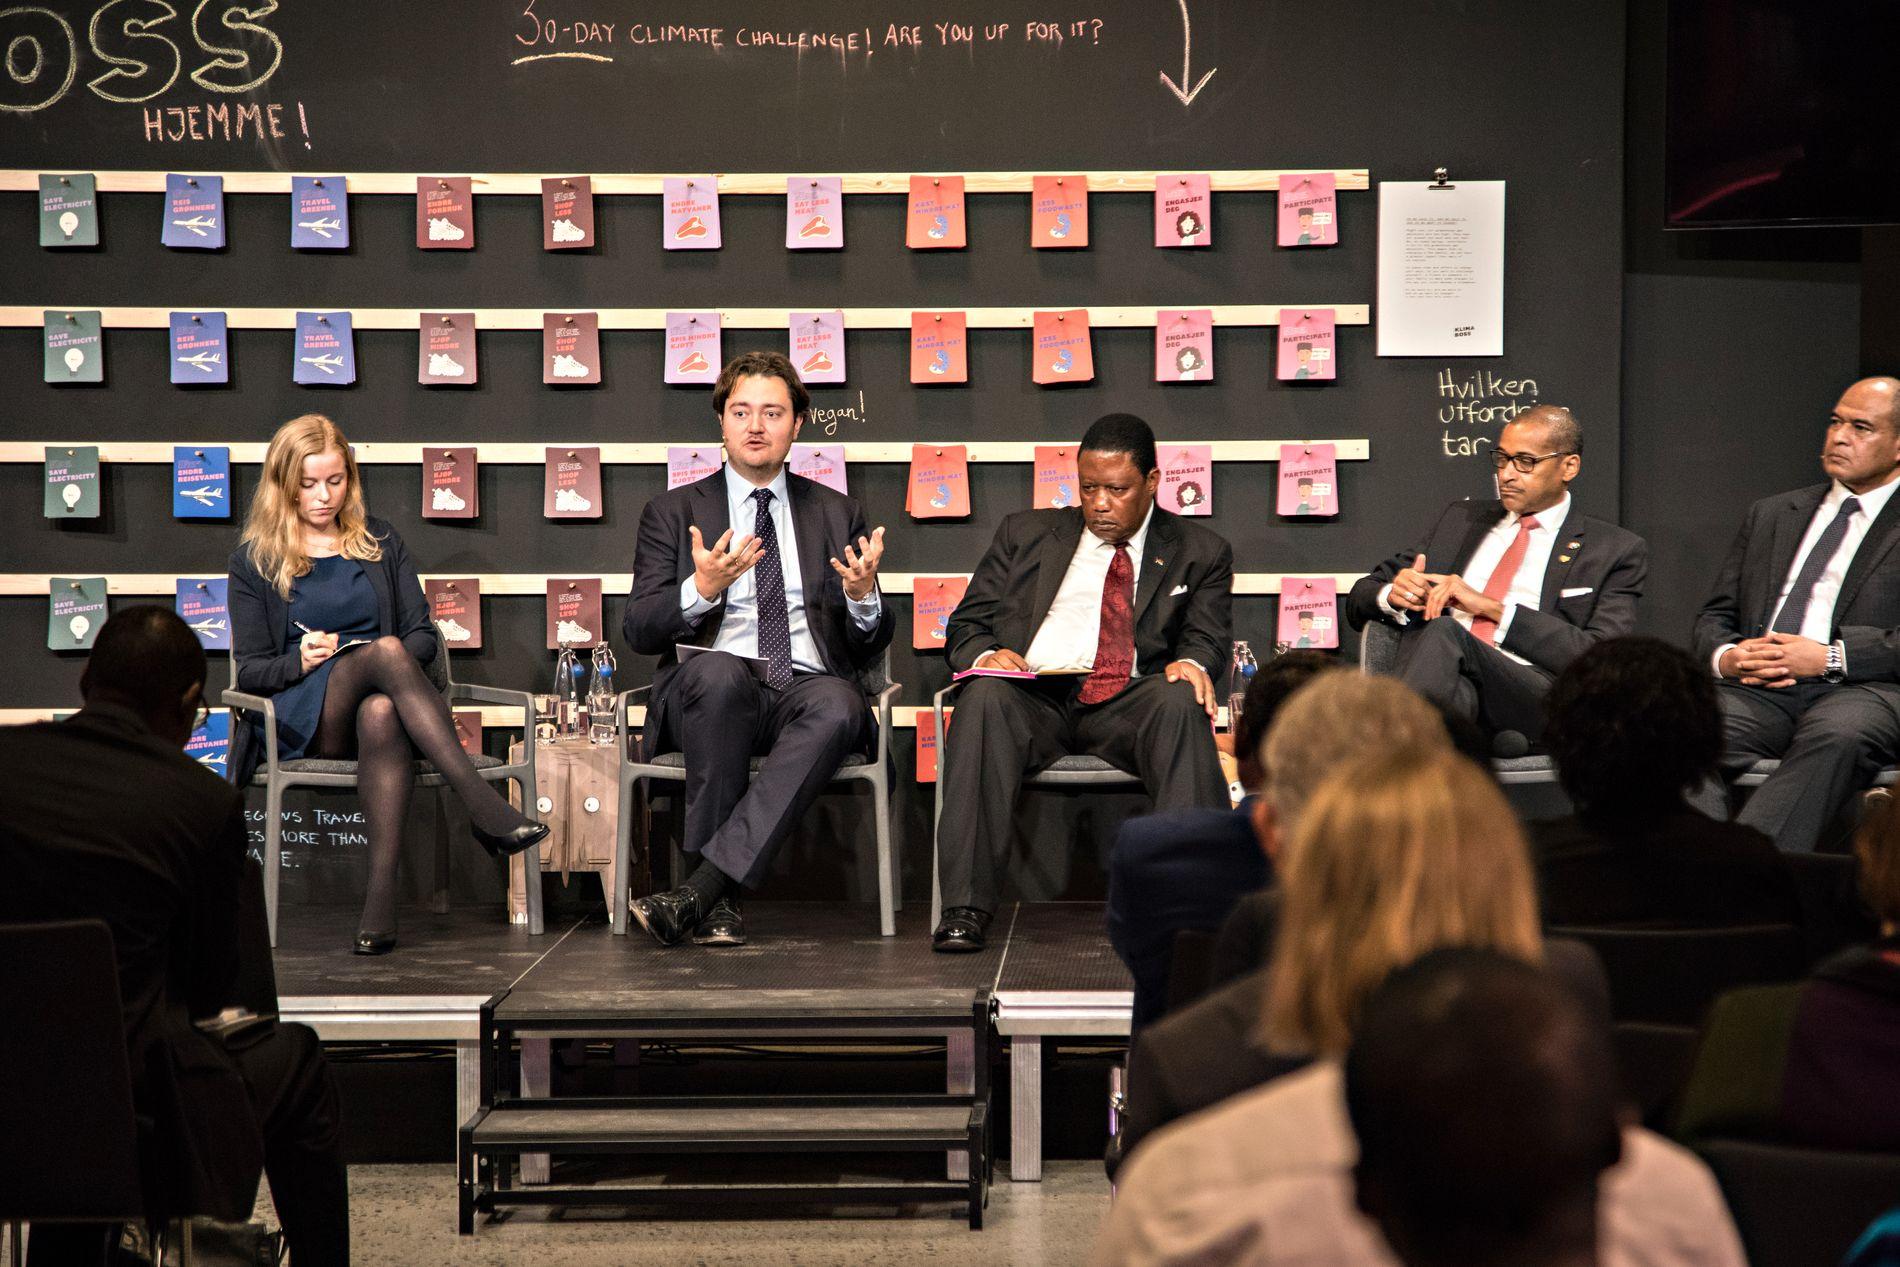 KLIMADISKUSJON: Statssekretær Jens Frølich Holte var vert da Norge inviterte til paneldebatt om klimaendringer på Nobels Fredssenter. Jamaicas ambassadør til FN, Courtenay Ratta, (nr. to fra høyre) deltok i panelet.